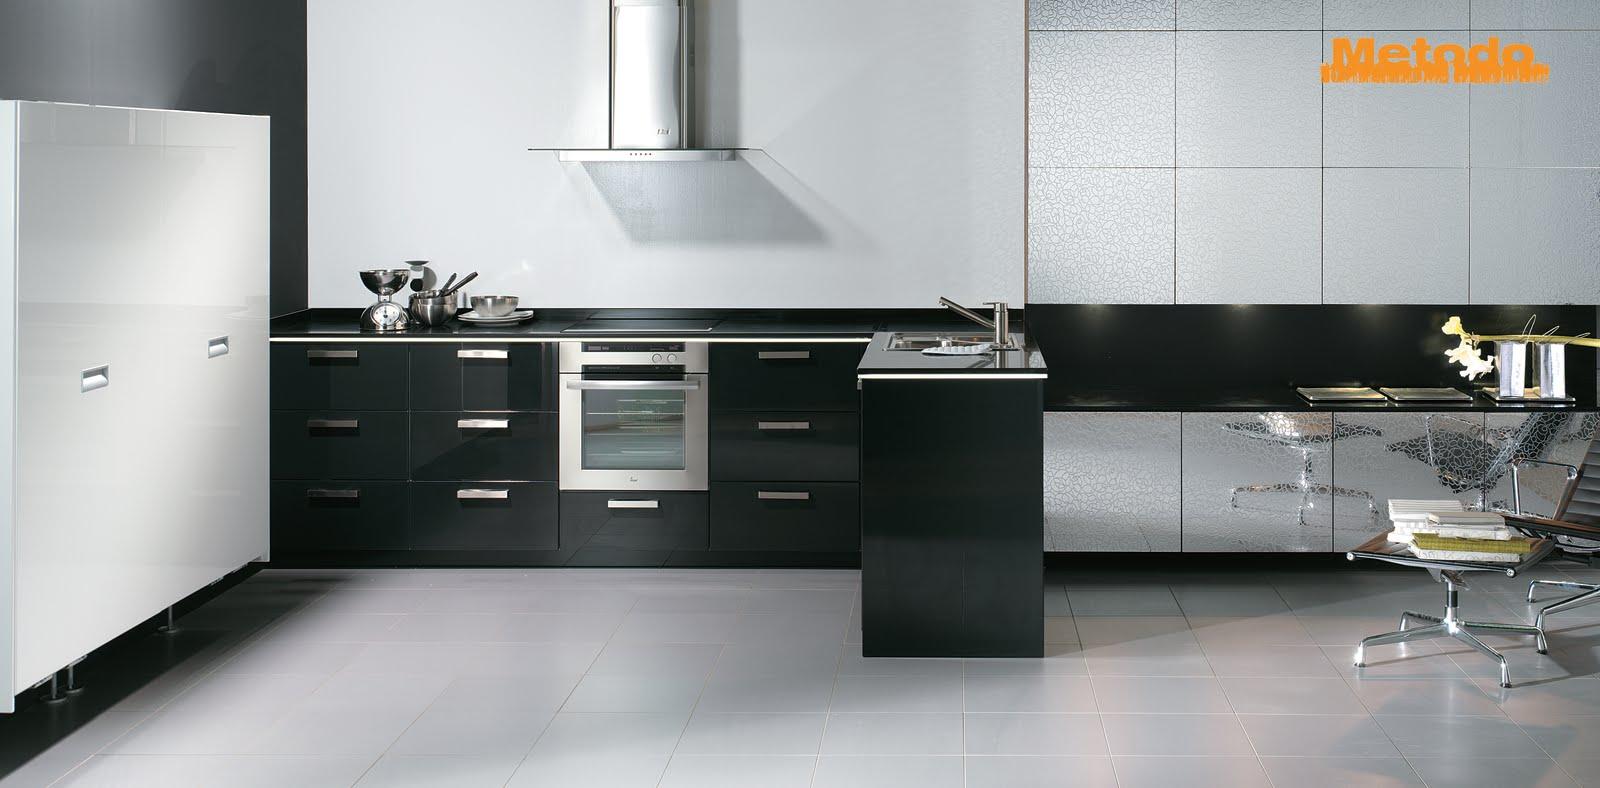 Muebles cocina j salguero 20170817065203 for Muebles de cocina 1 80m